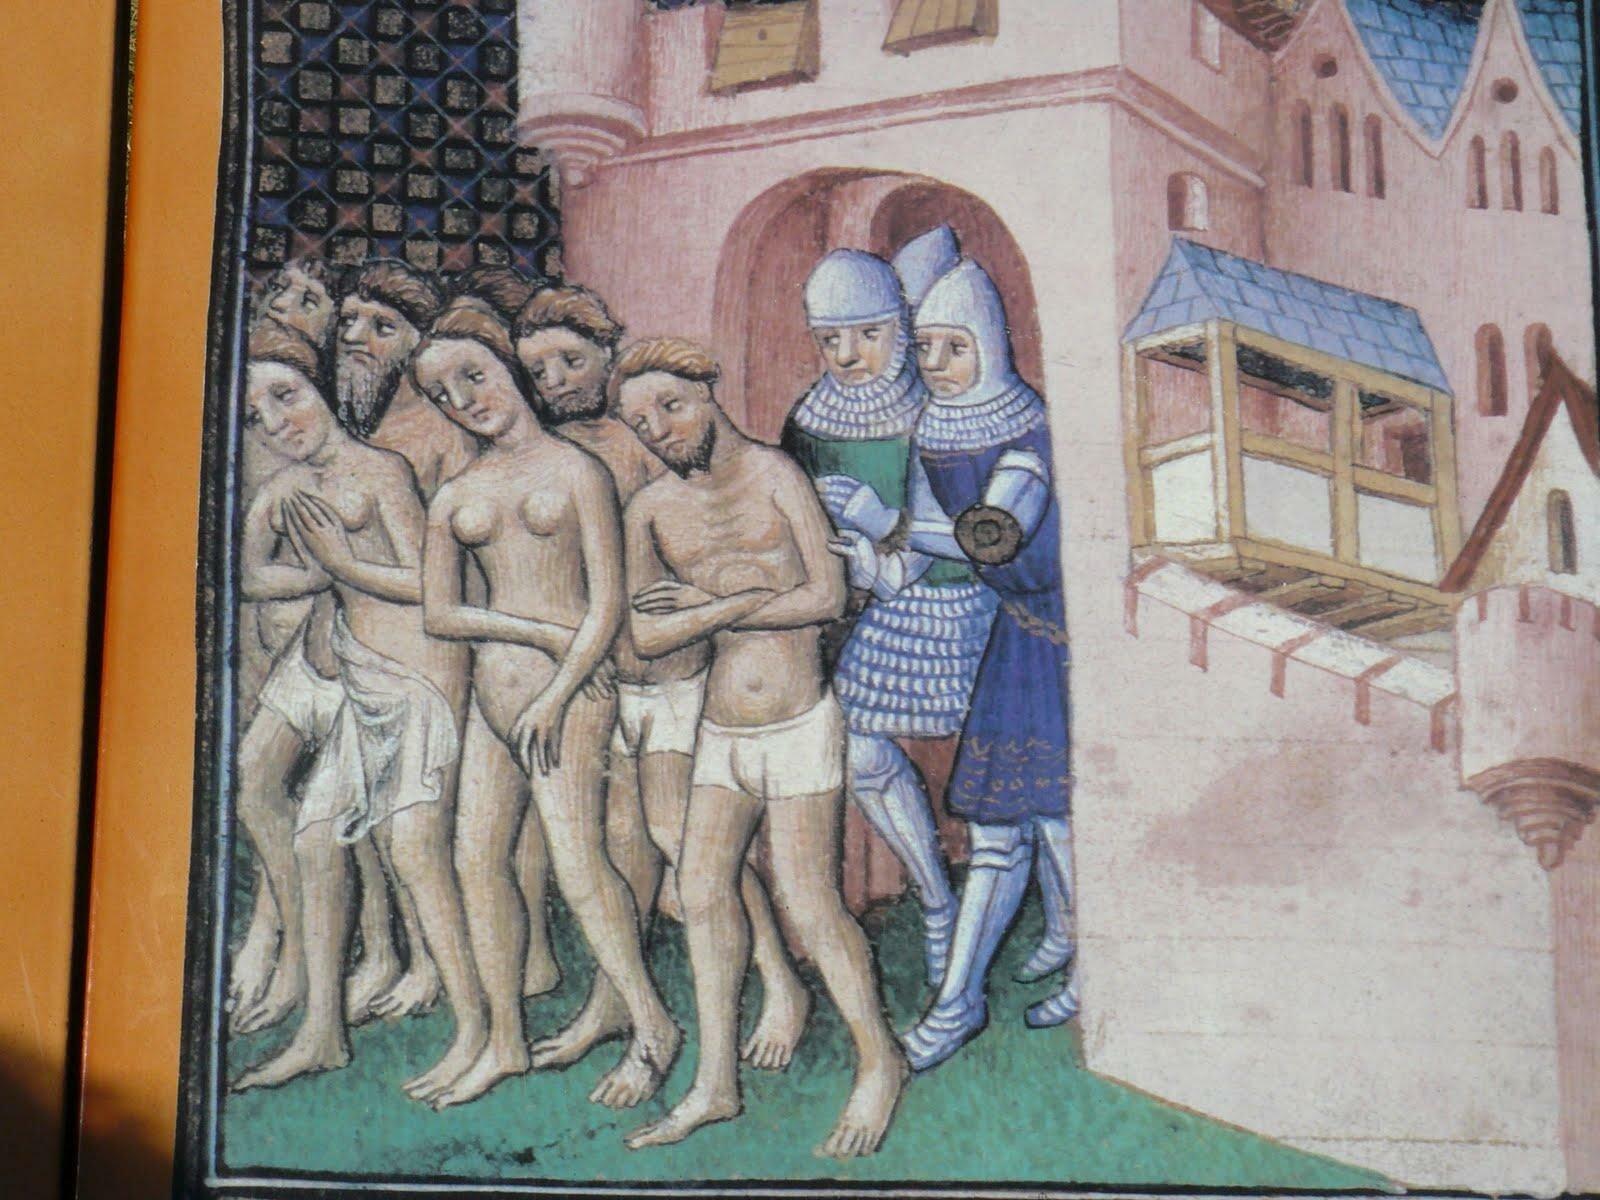 Wygnanie mieszkańców zCarcassone w1209 Źródło: Wygnanie mieszkańców zCarcassone w1209, 1415, miniatura, domena publiczna.